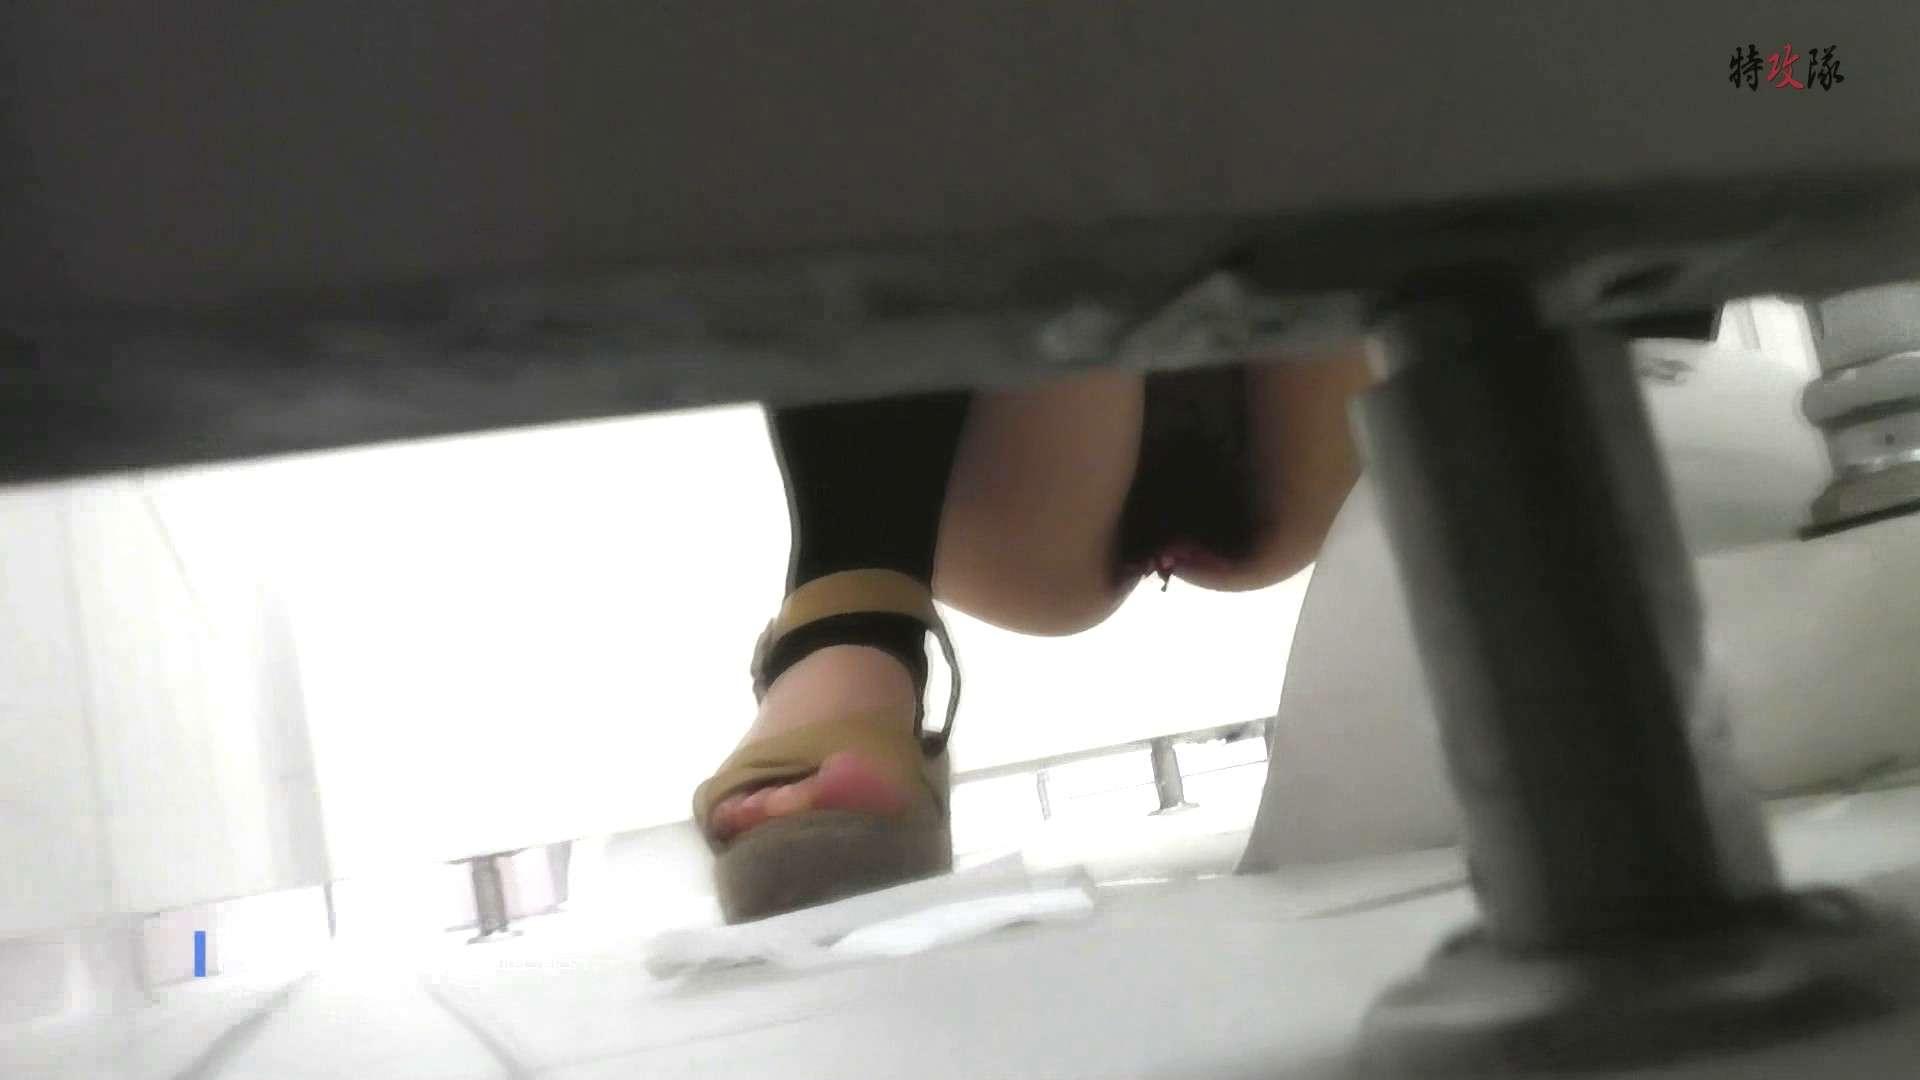 ハメ撮り|幻14 清楚系女子下半身はジャングル!!撮り師泣かせの密林 トイレ盗撮|怪盗ジョーカー